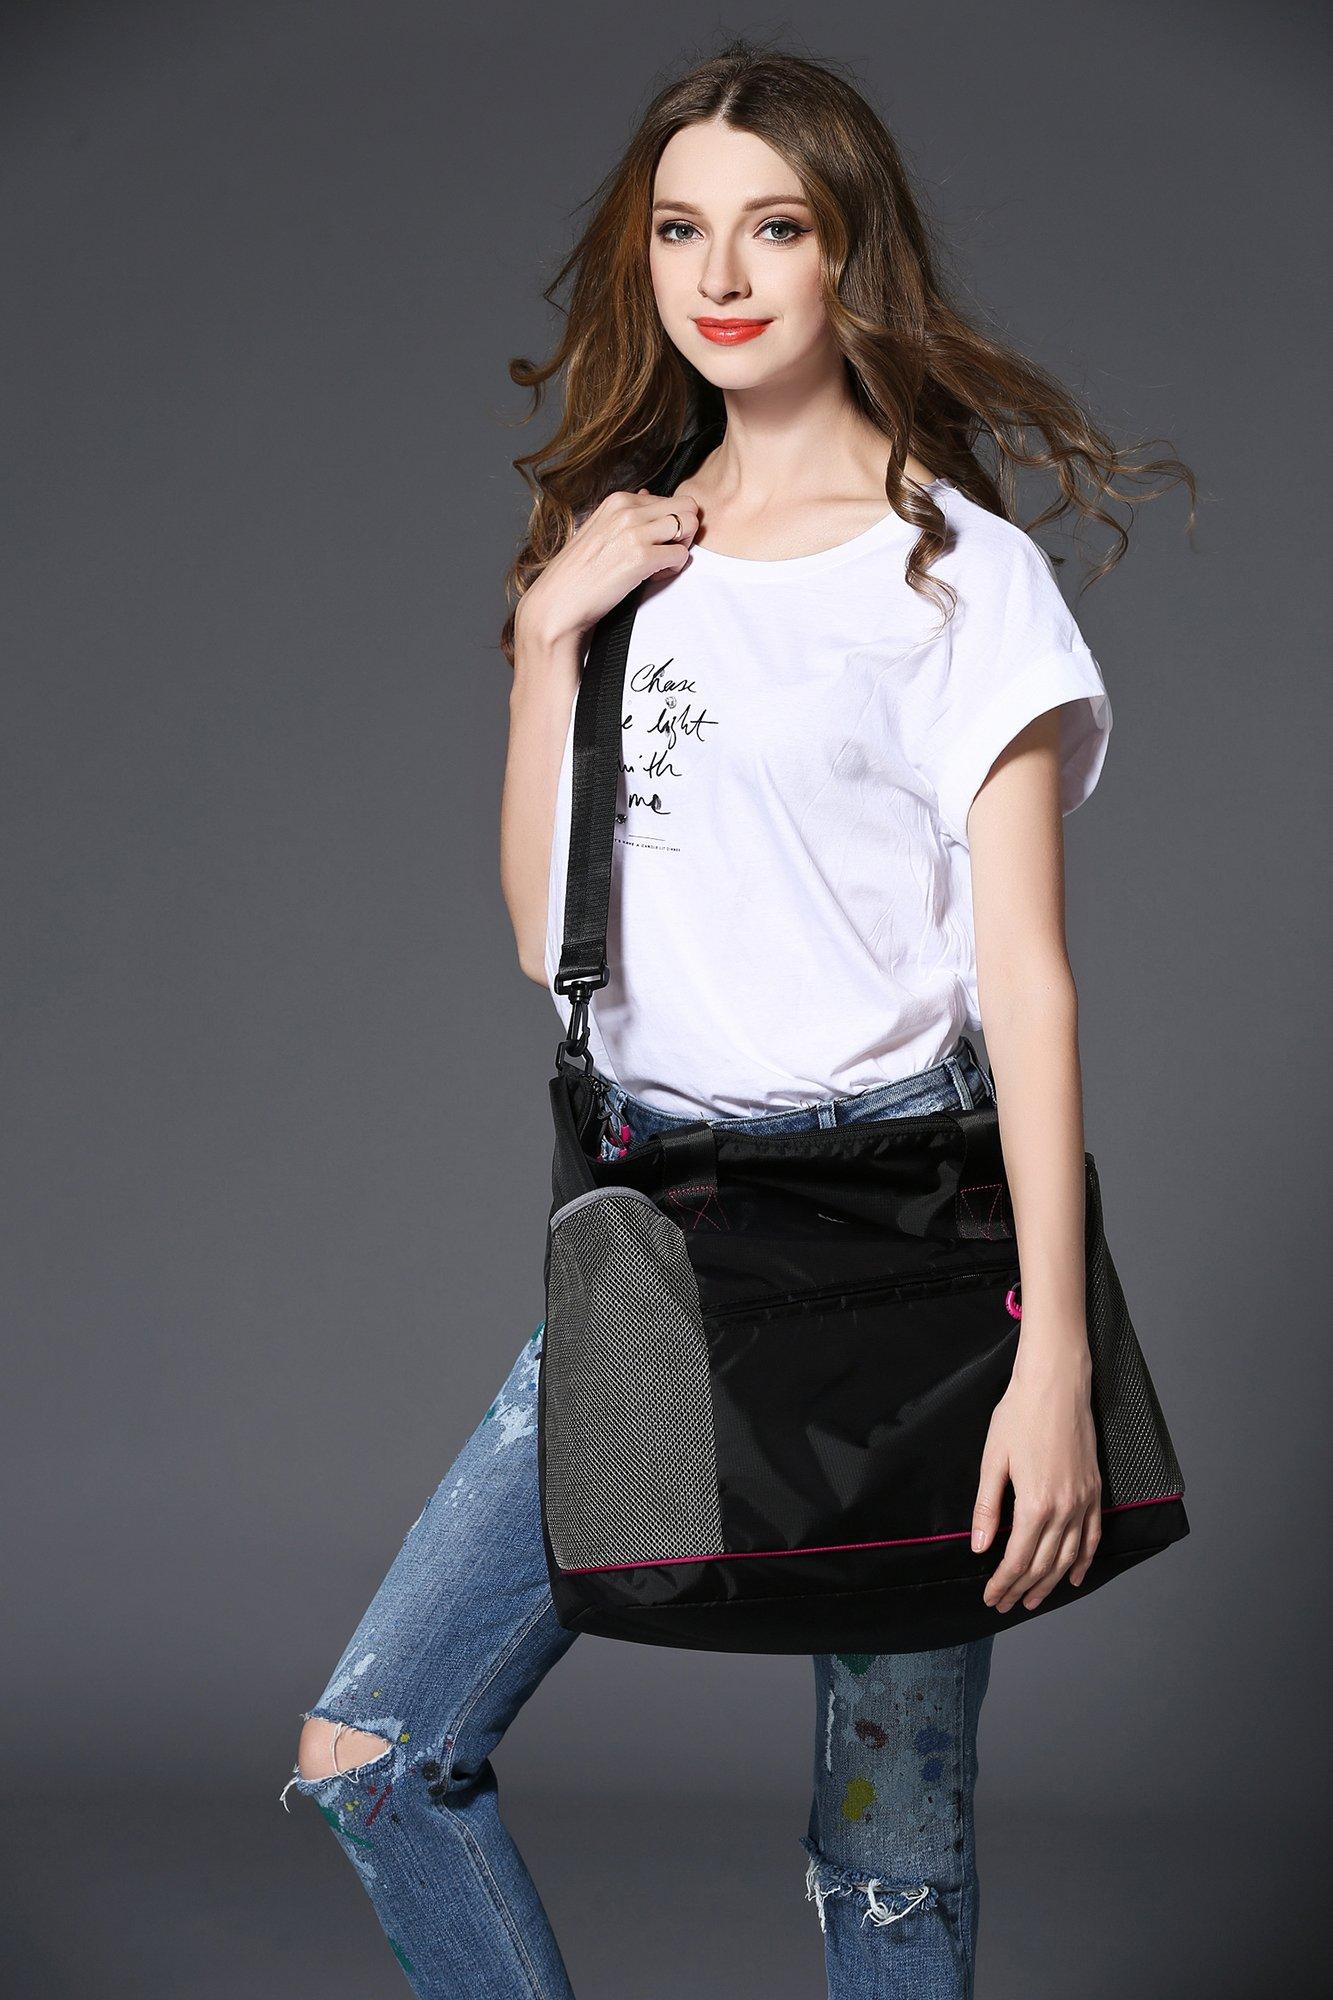 Gym Bag- Yoga Bag- Gym Yoga Tote Bag for Women with Roomy Pockets